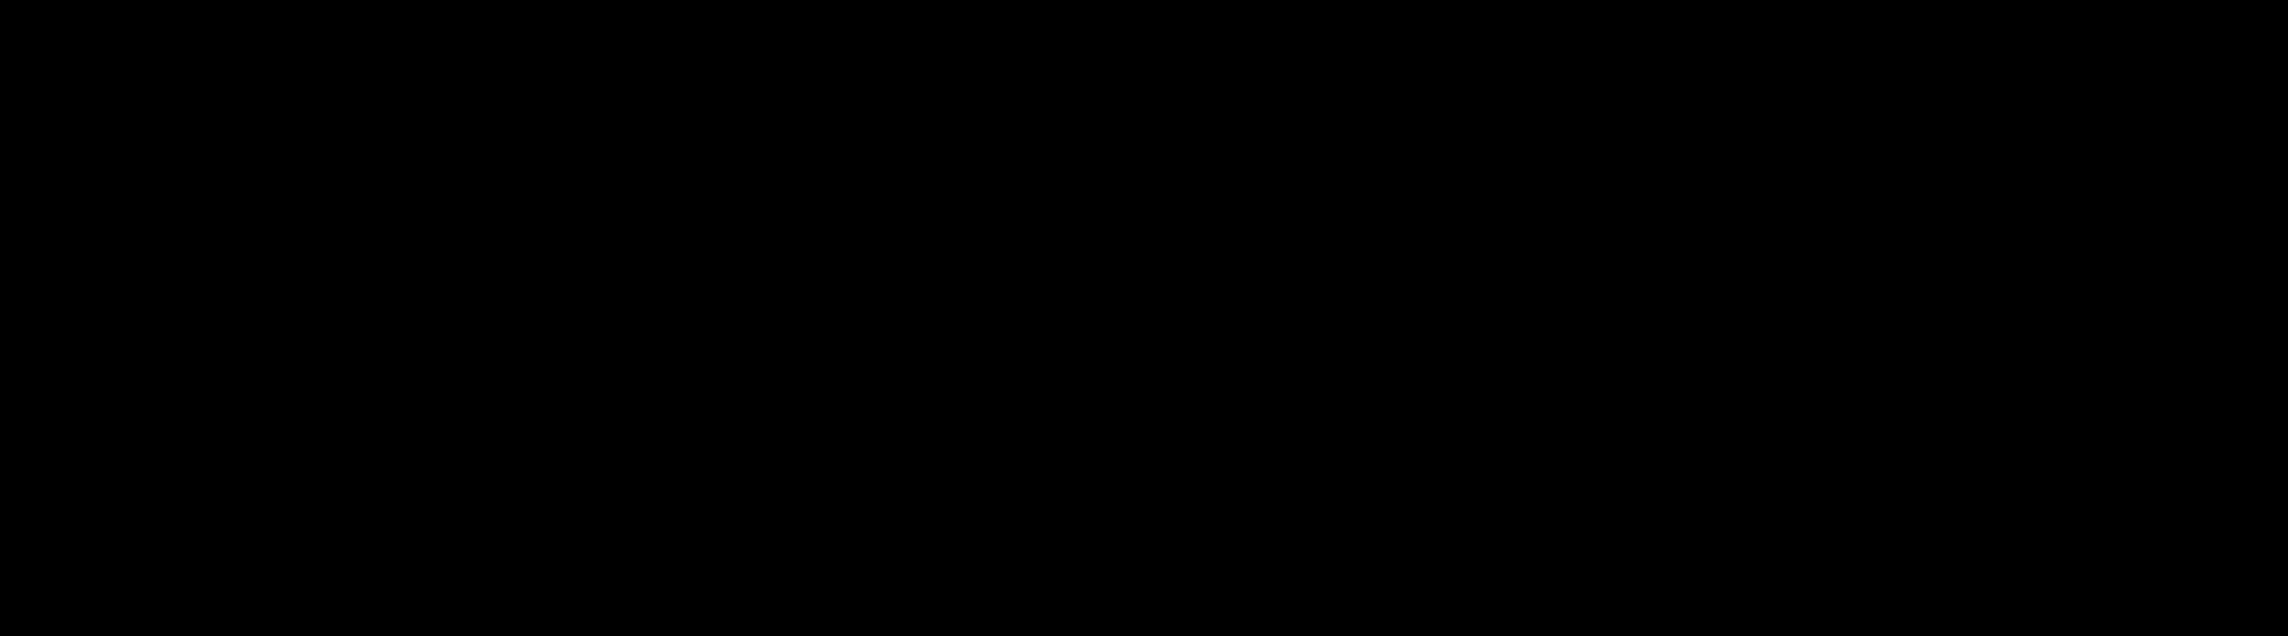 casabanner2-35